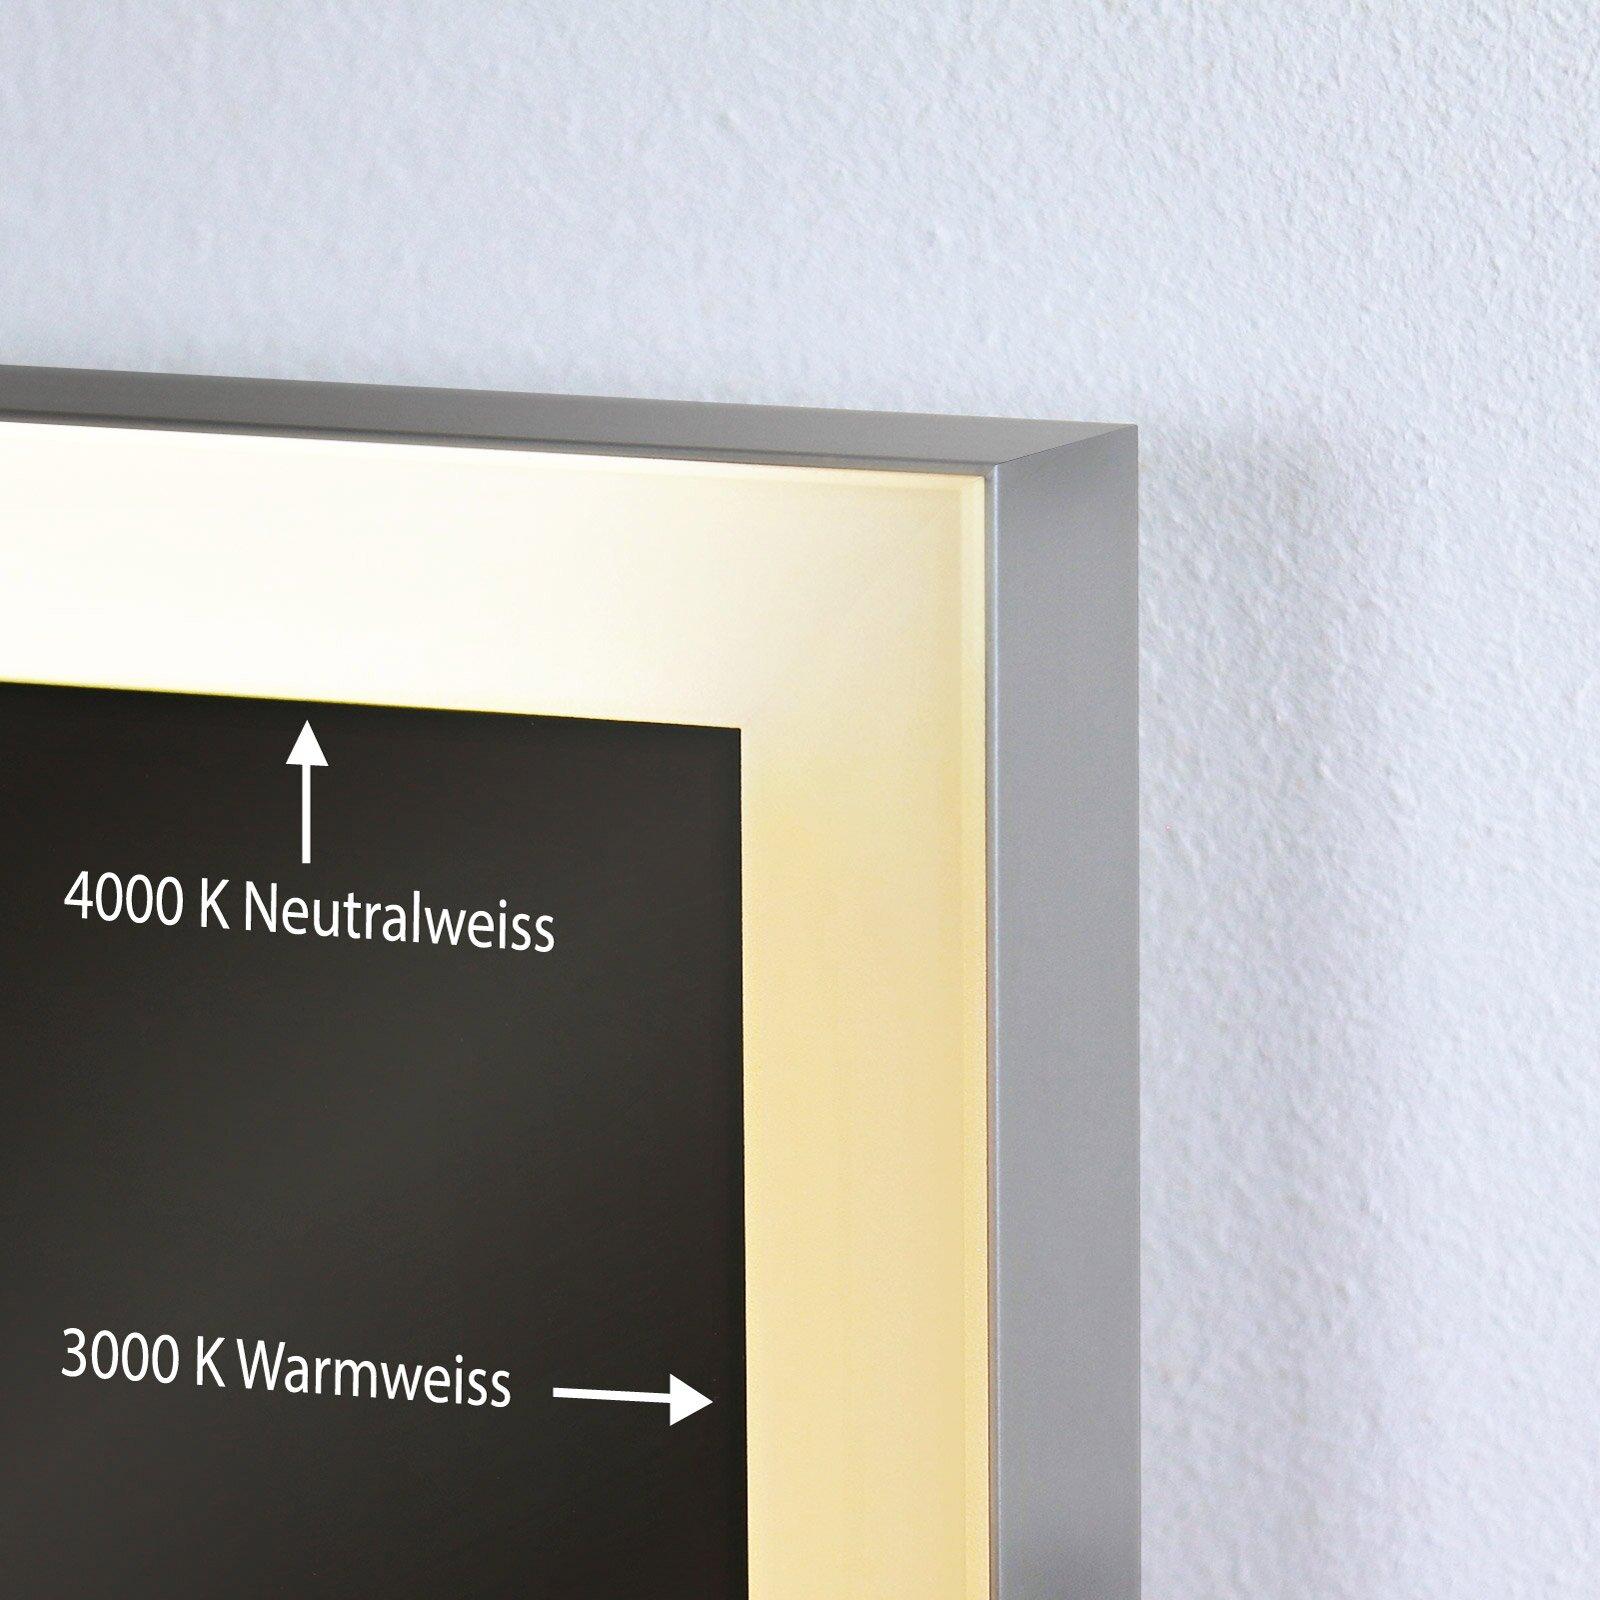 Badspiegel florenz led 4s badspiegel mit rahmen alu beleuchtet - Badspiegel mit rahmen ...